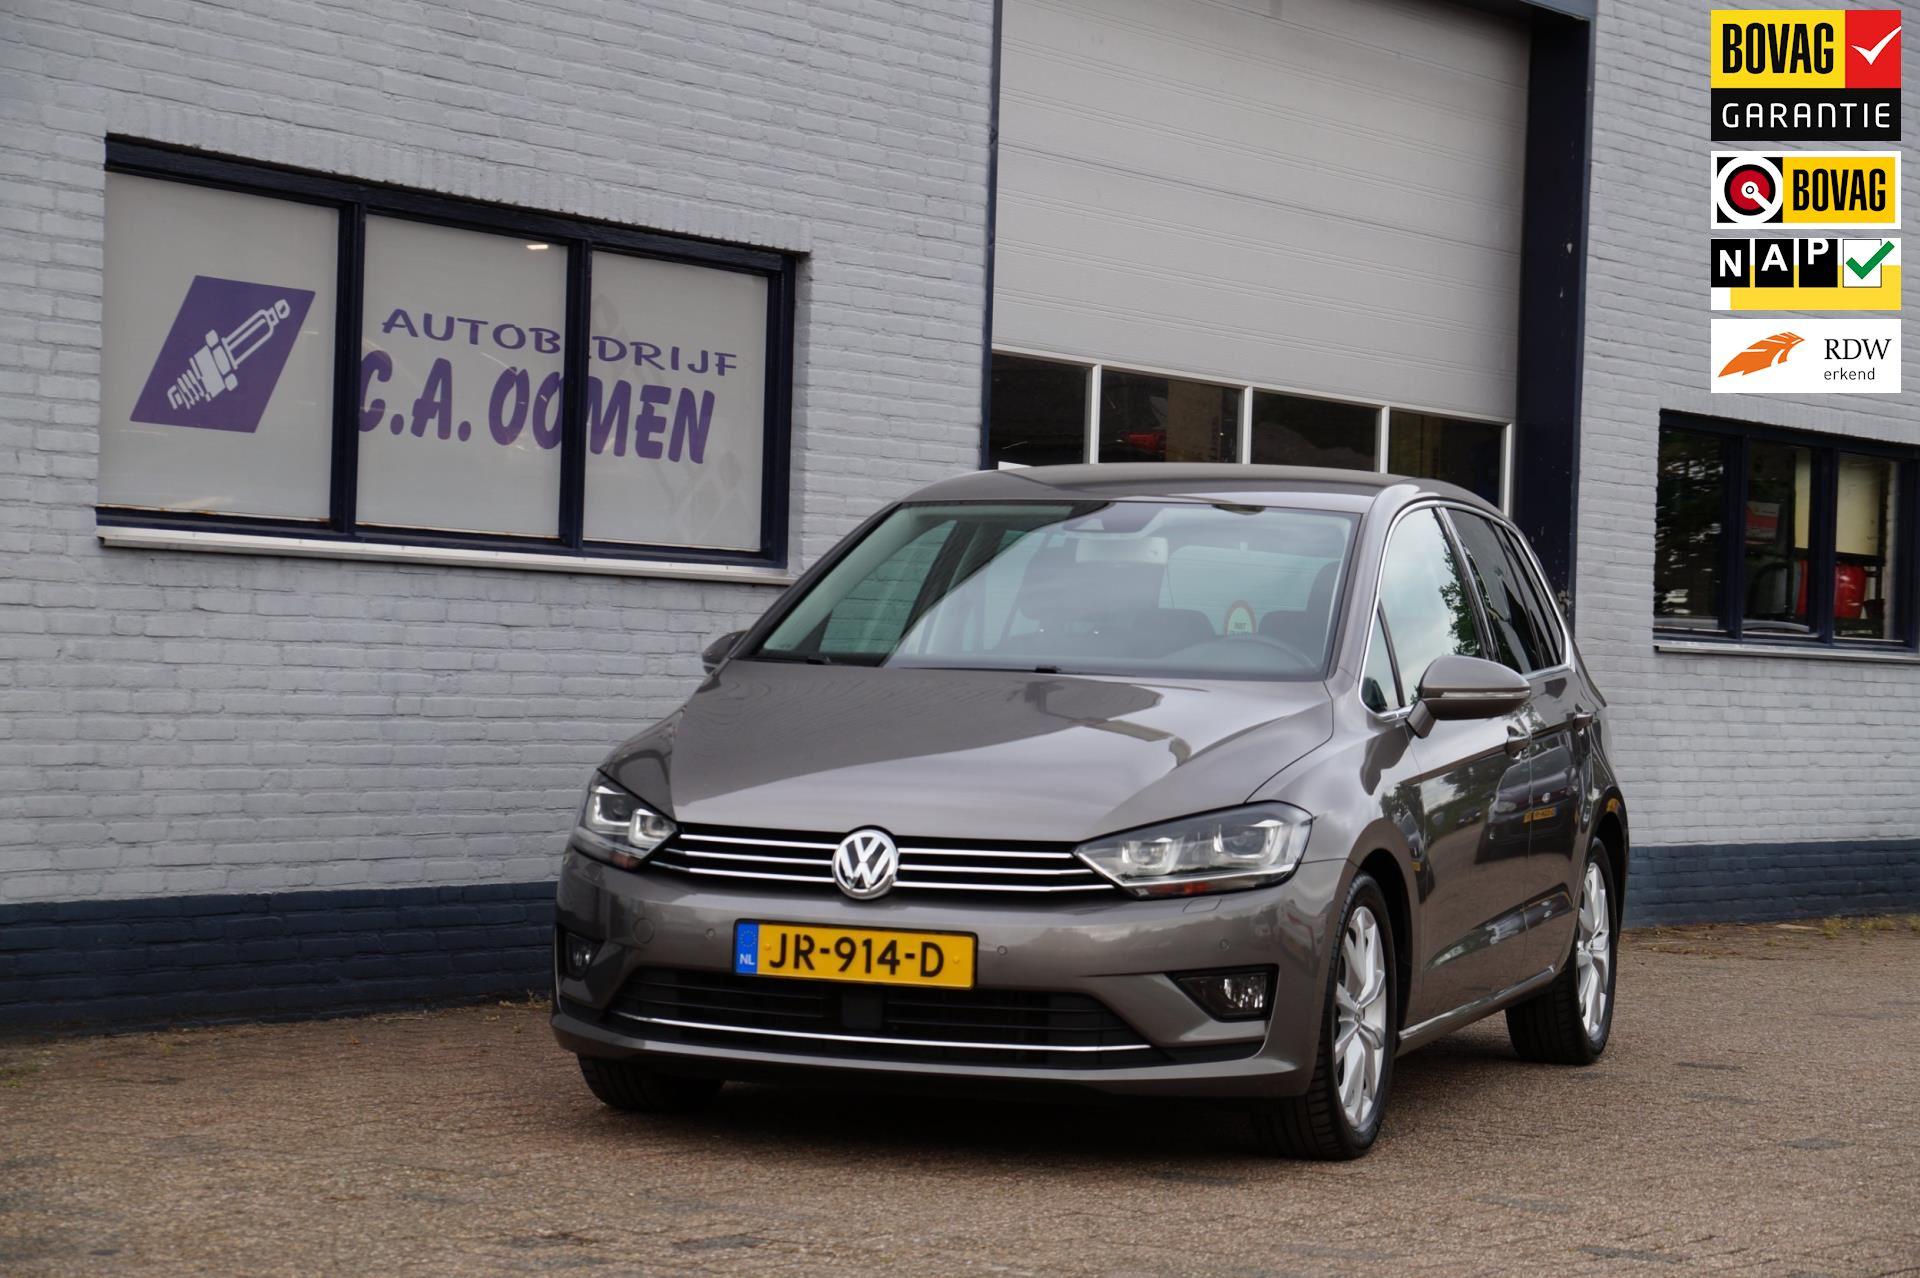 Volkswagen Golf Sportsvan occasion - Autobedrijf C.A. Oomen